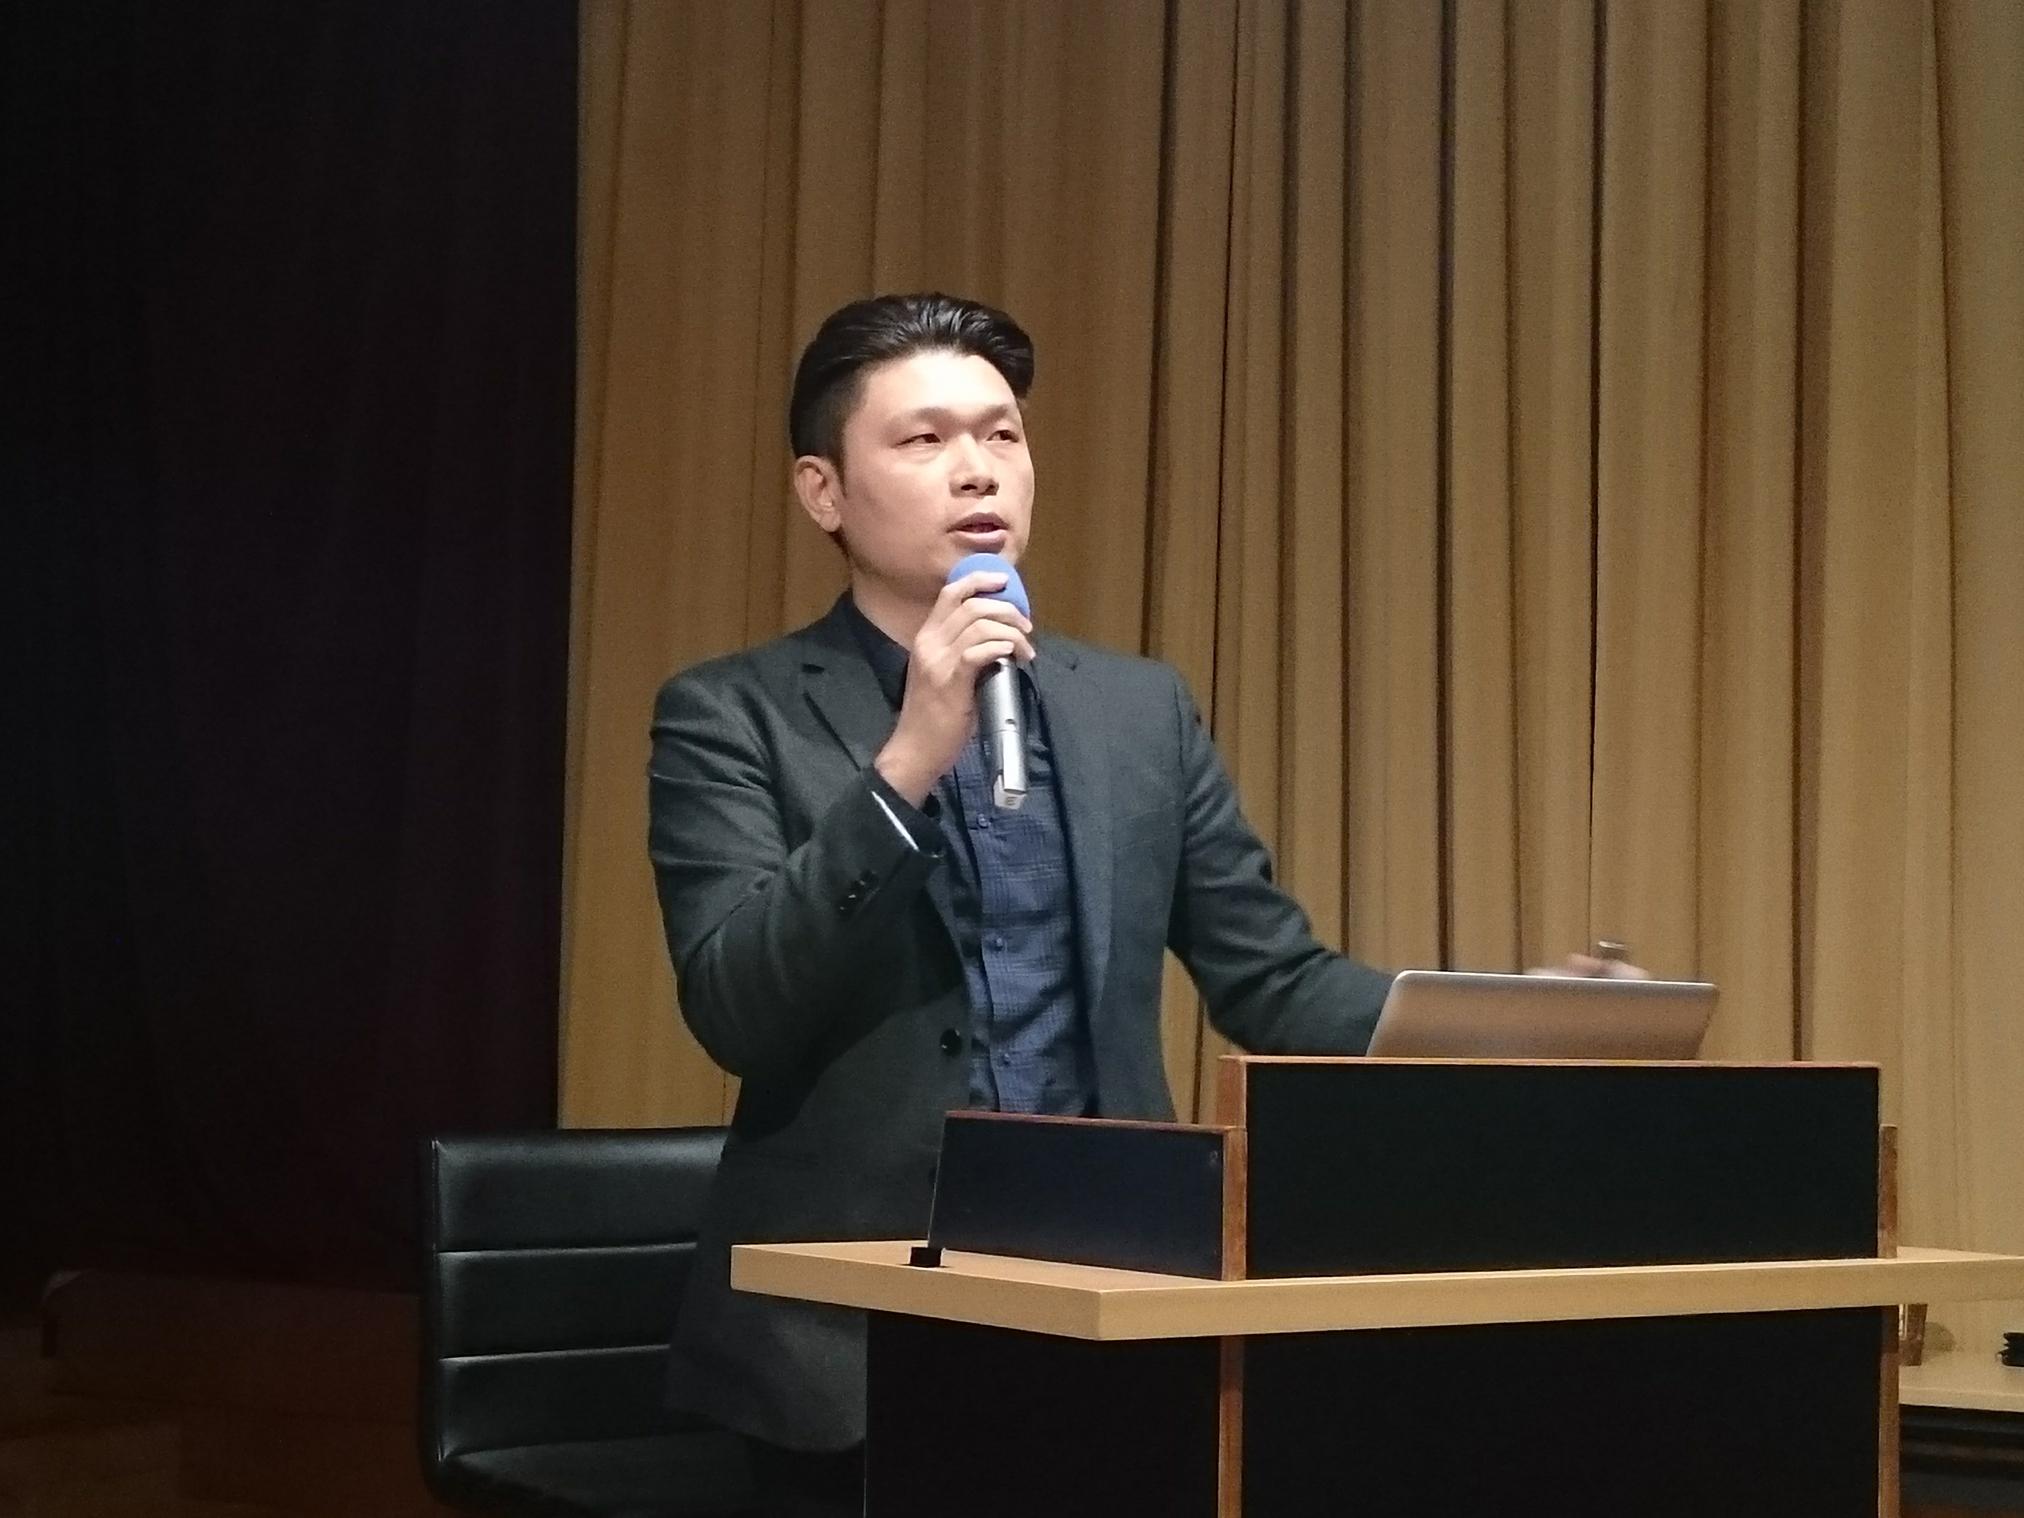 ALLYOUNG總經理楊智斌:面對馬來西亞消費者,優質客服是成功的一半